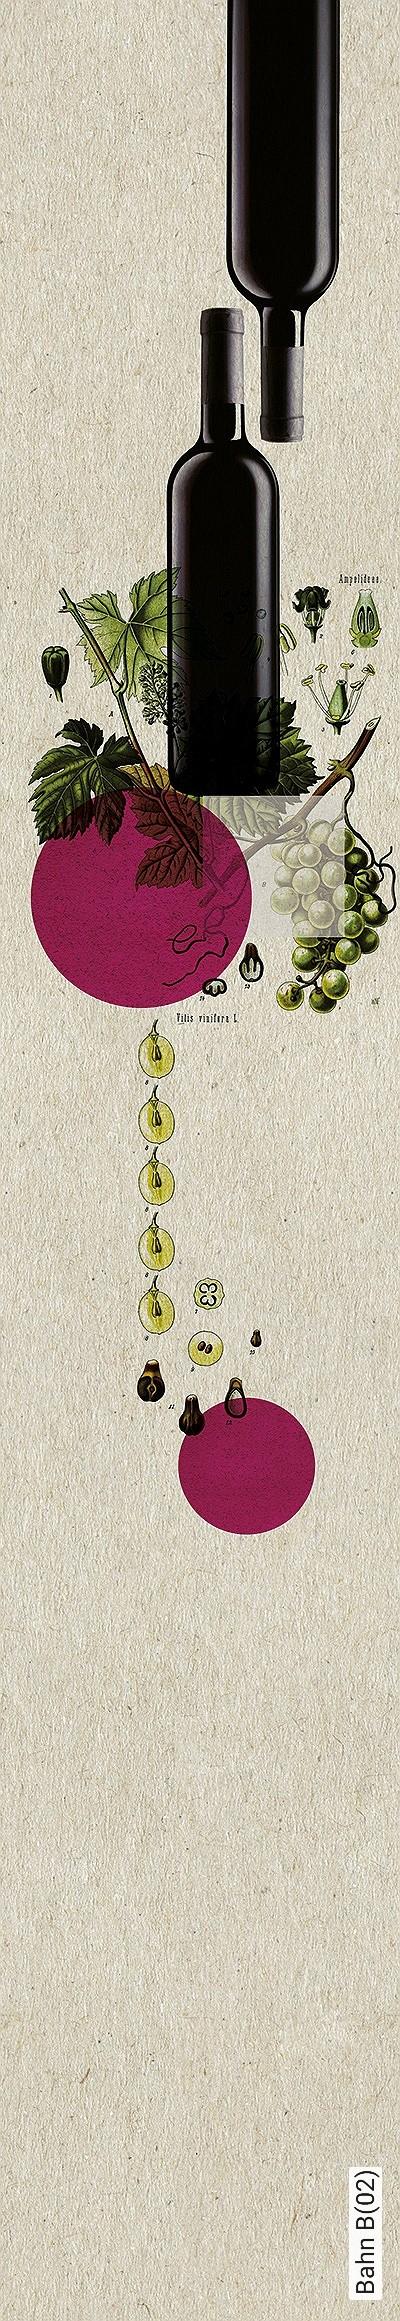 Bahn-B(02)-Flaschen-Früchte-Moderne-Muster-Schwarz-Creme-Pink